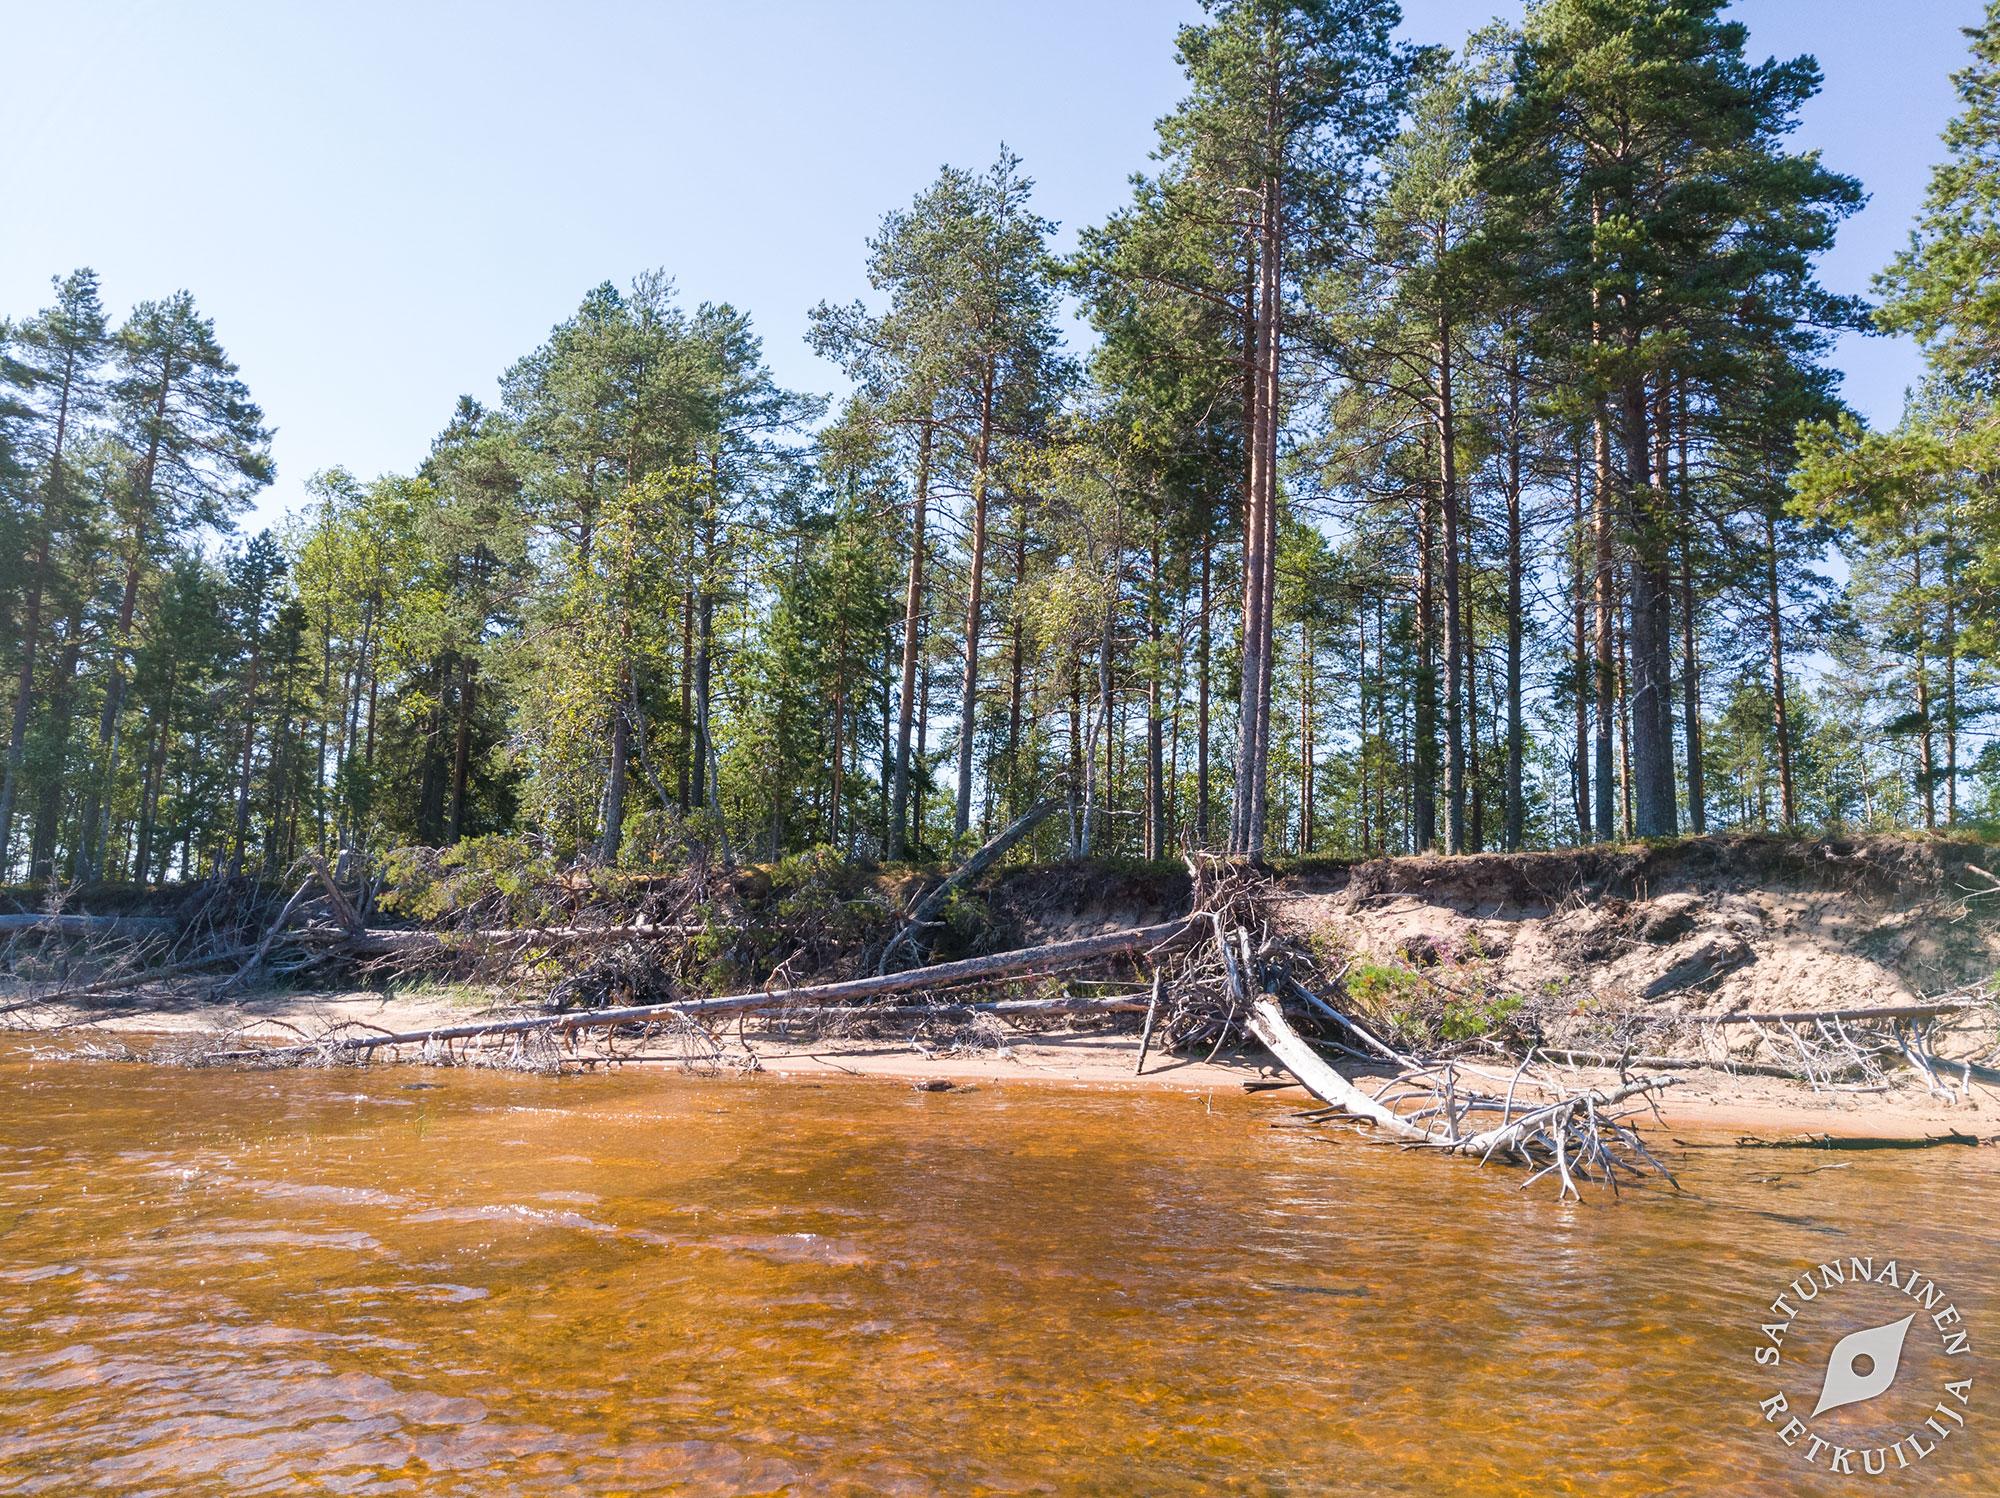 Pitkan Kuuman Kesan Rantaloma Manamansalon Hiekoilla Oulujarvi